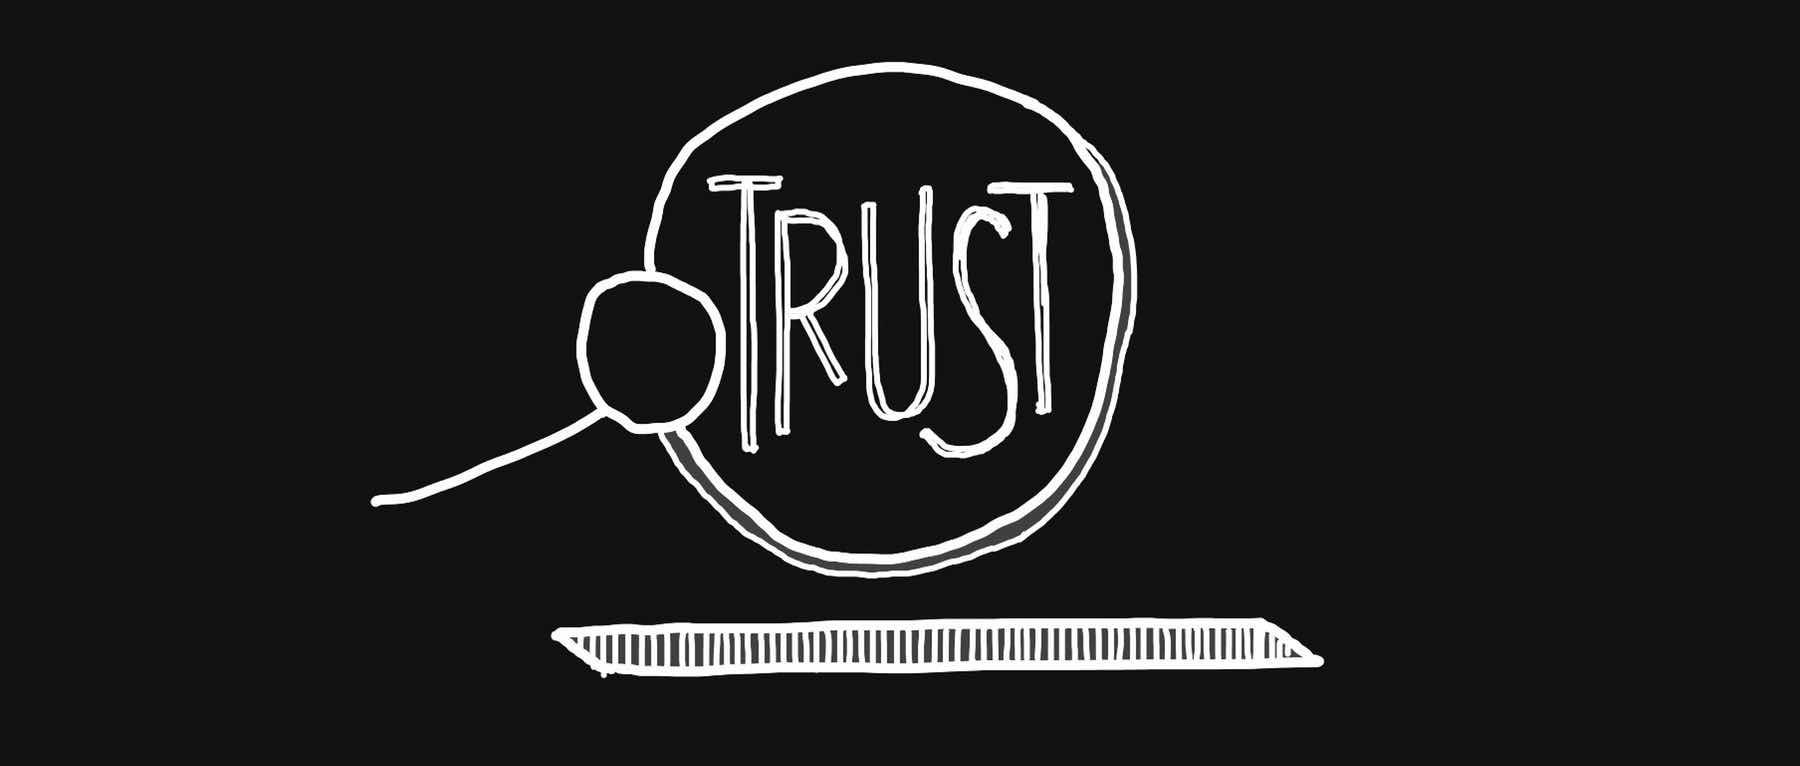 Spending trust